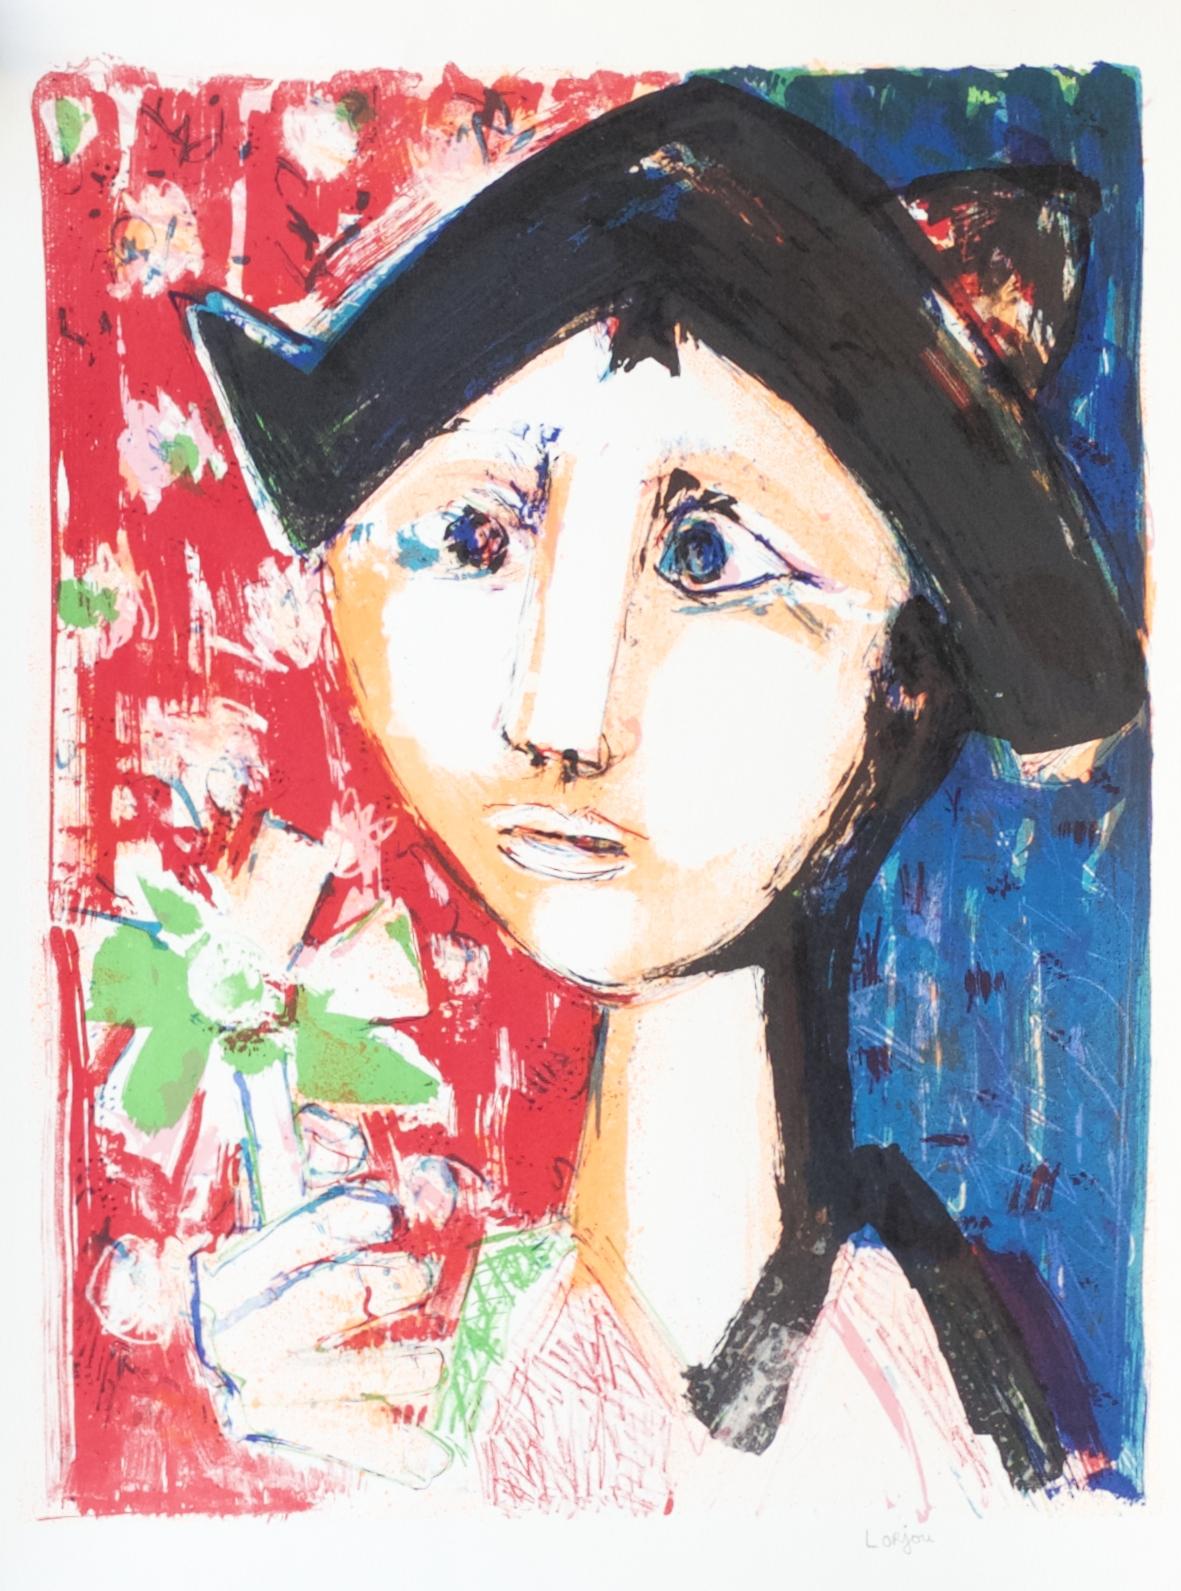 Harlequin and the Green Flower (Arlequin à la Fleur Verte) (1972)